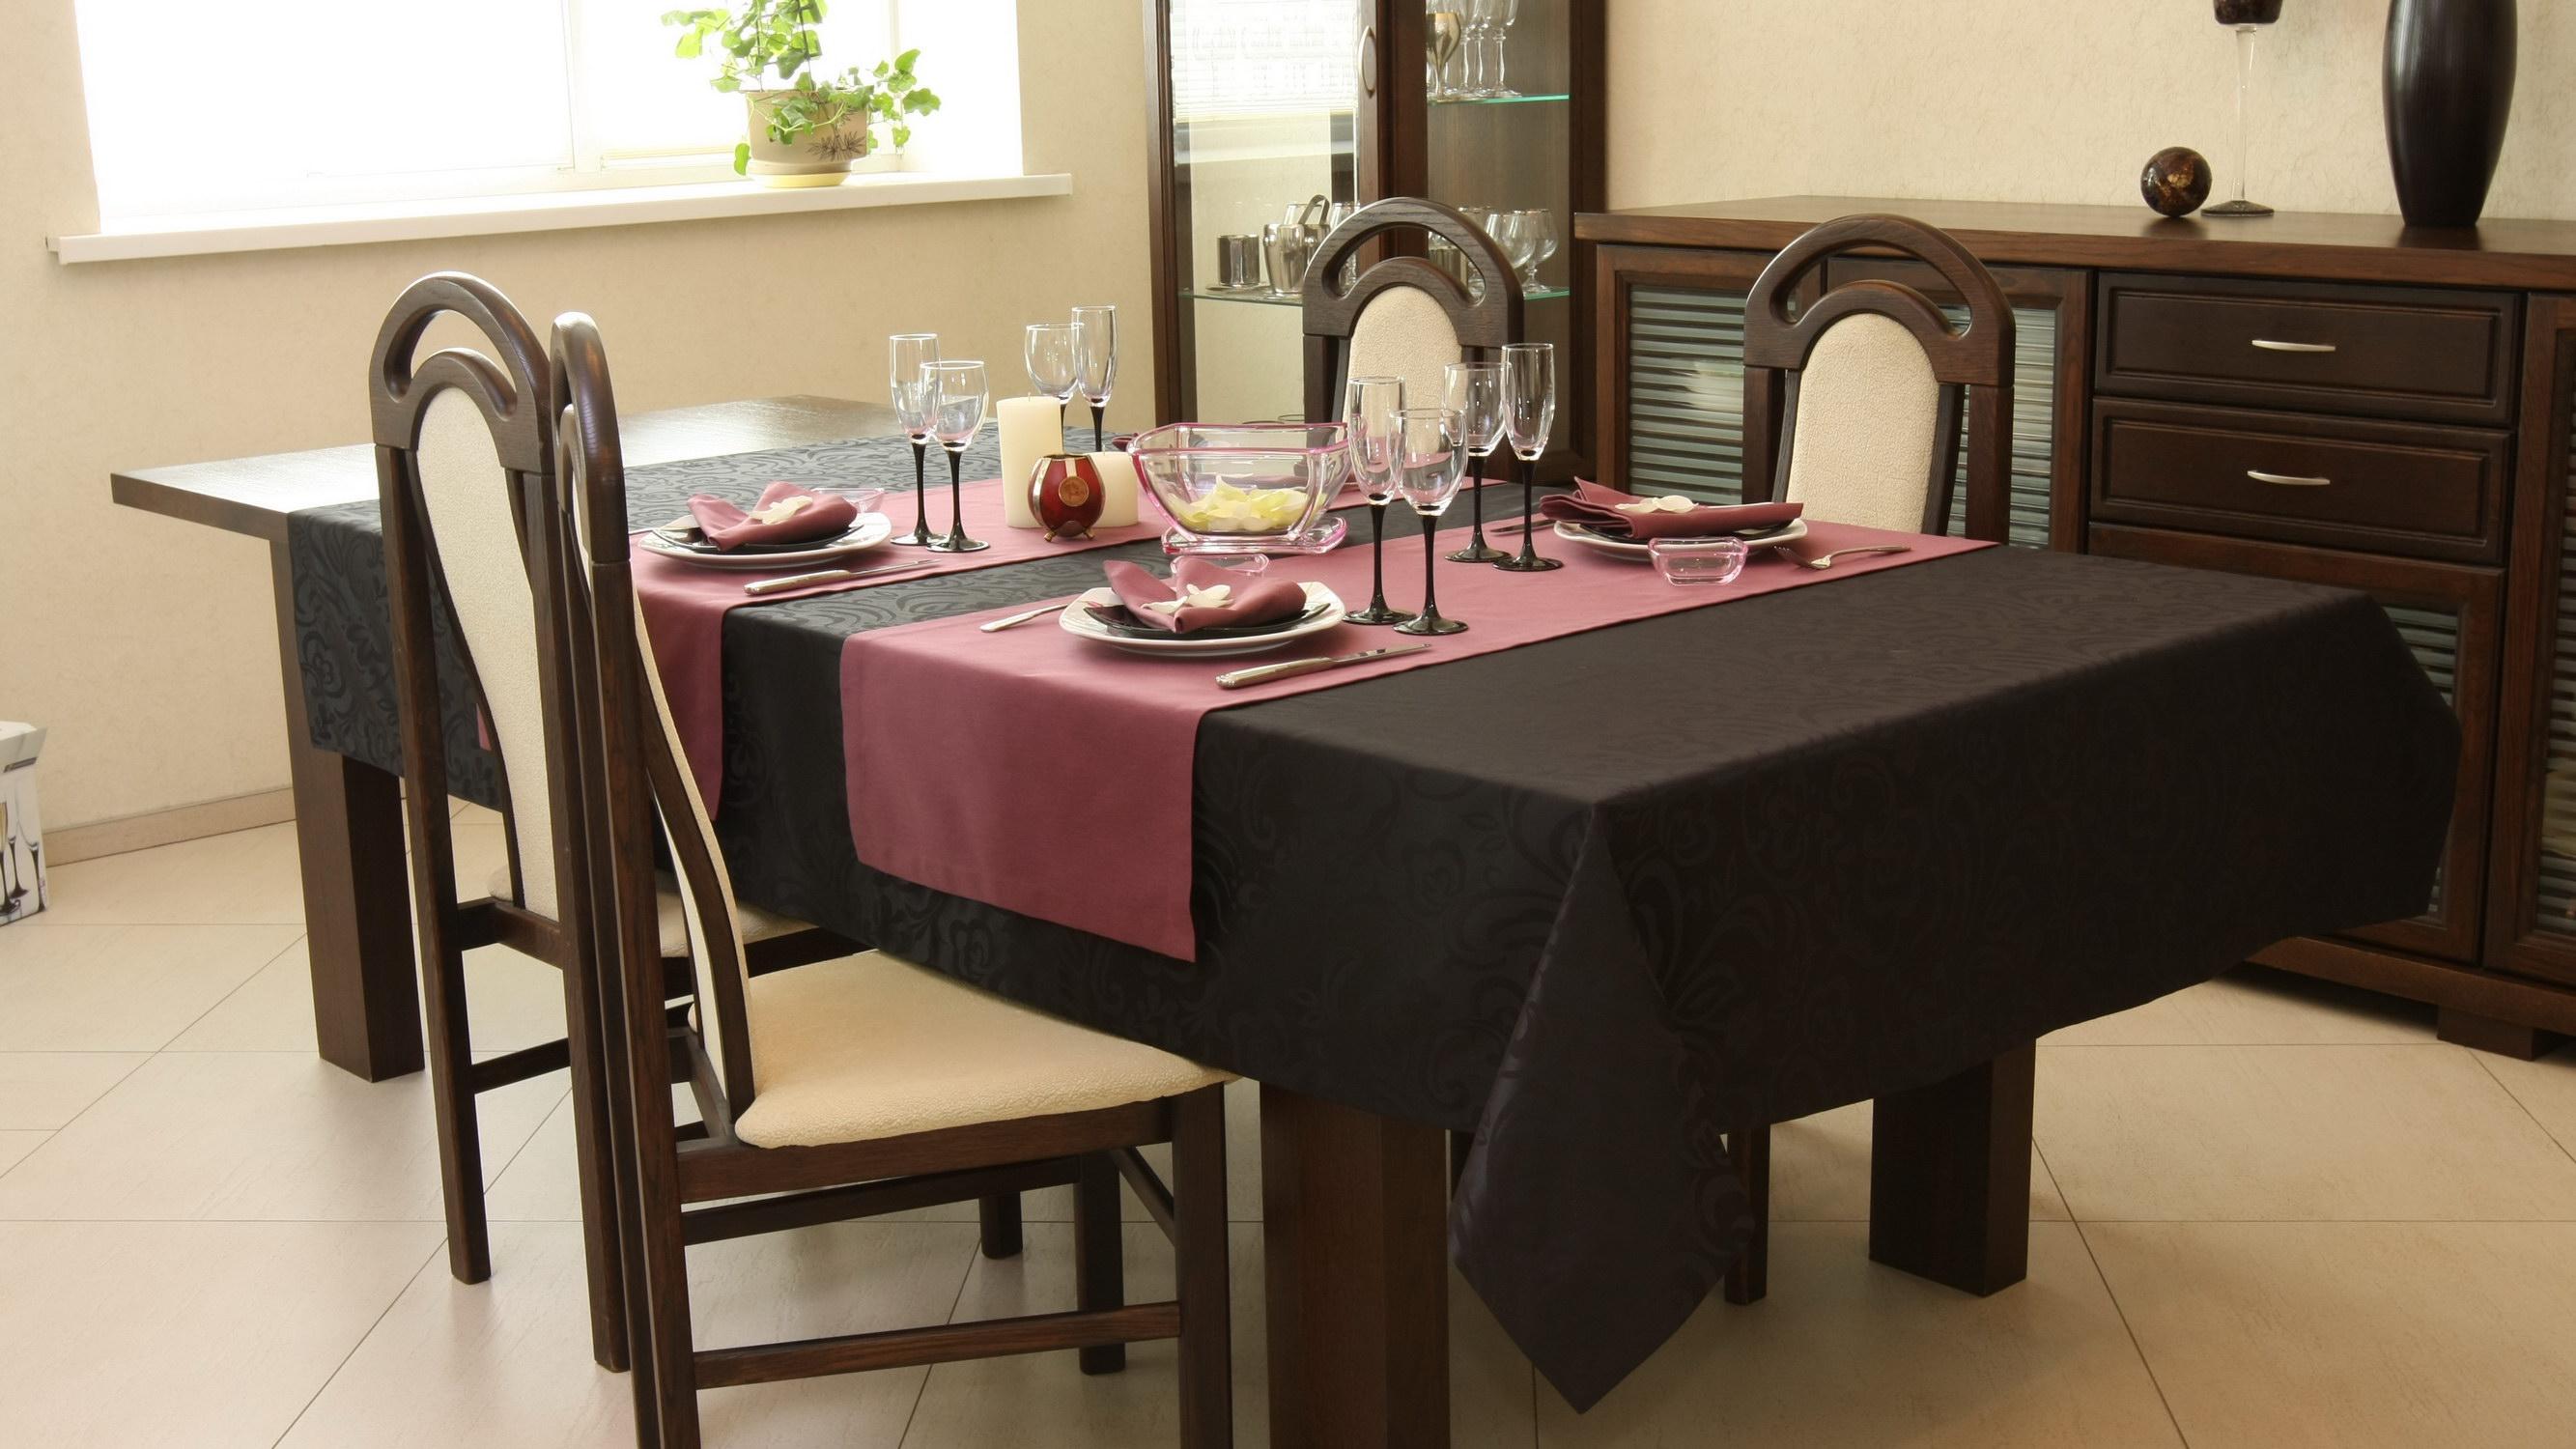 Столовая посуда и столовое белье